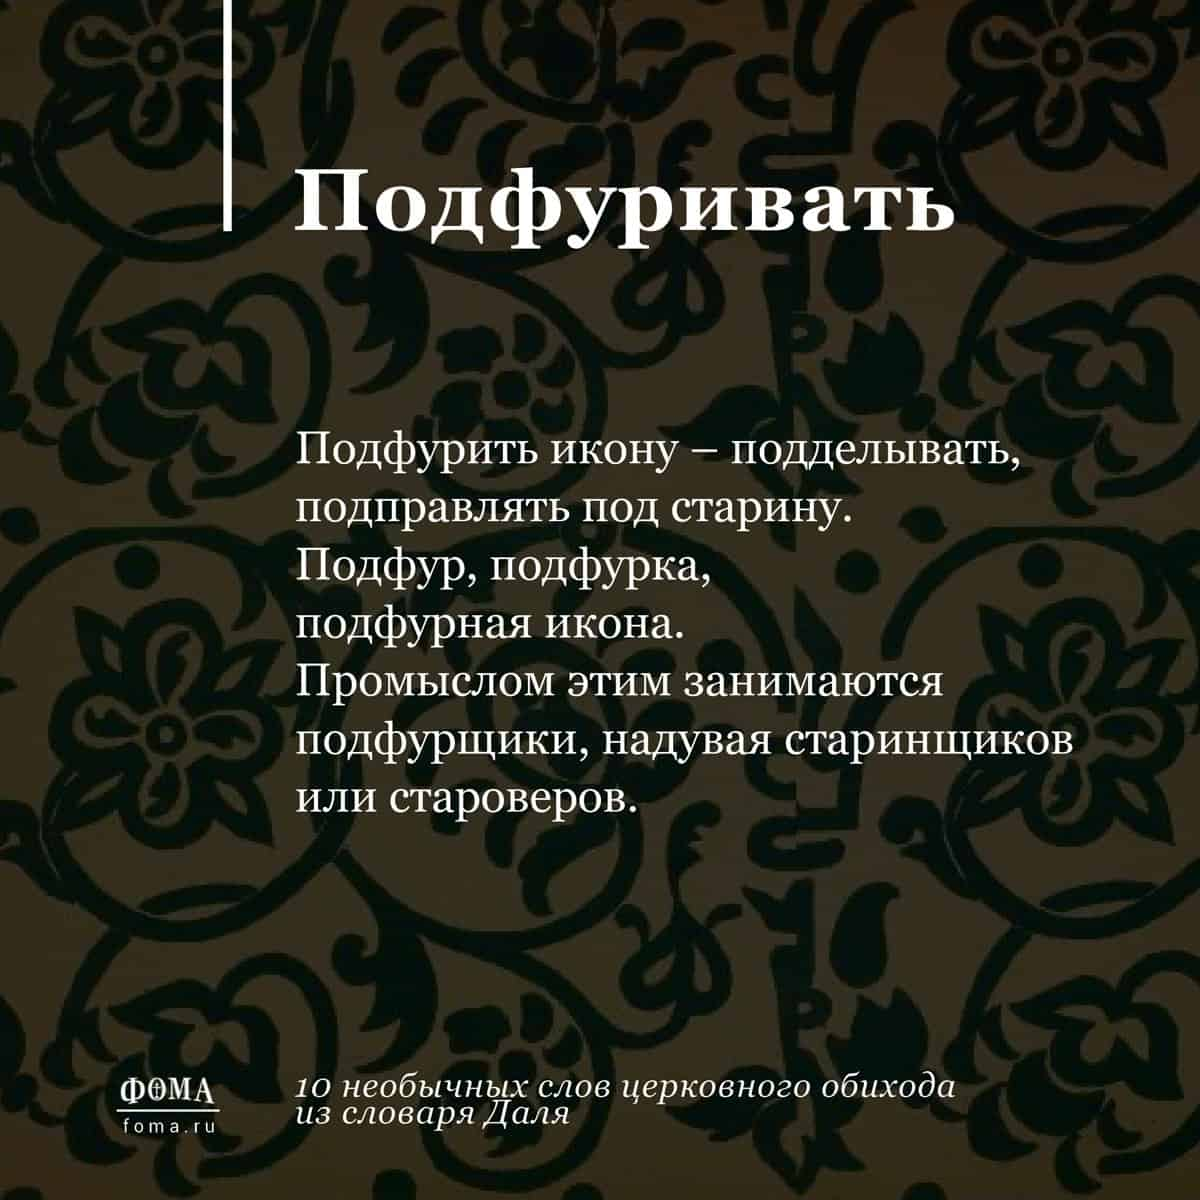 razvlecheniya-spb-intim